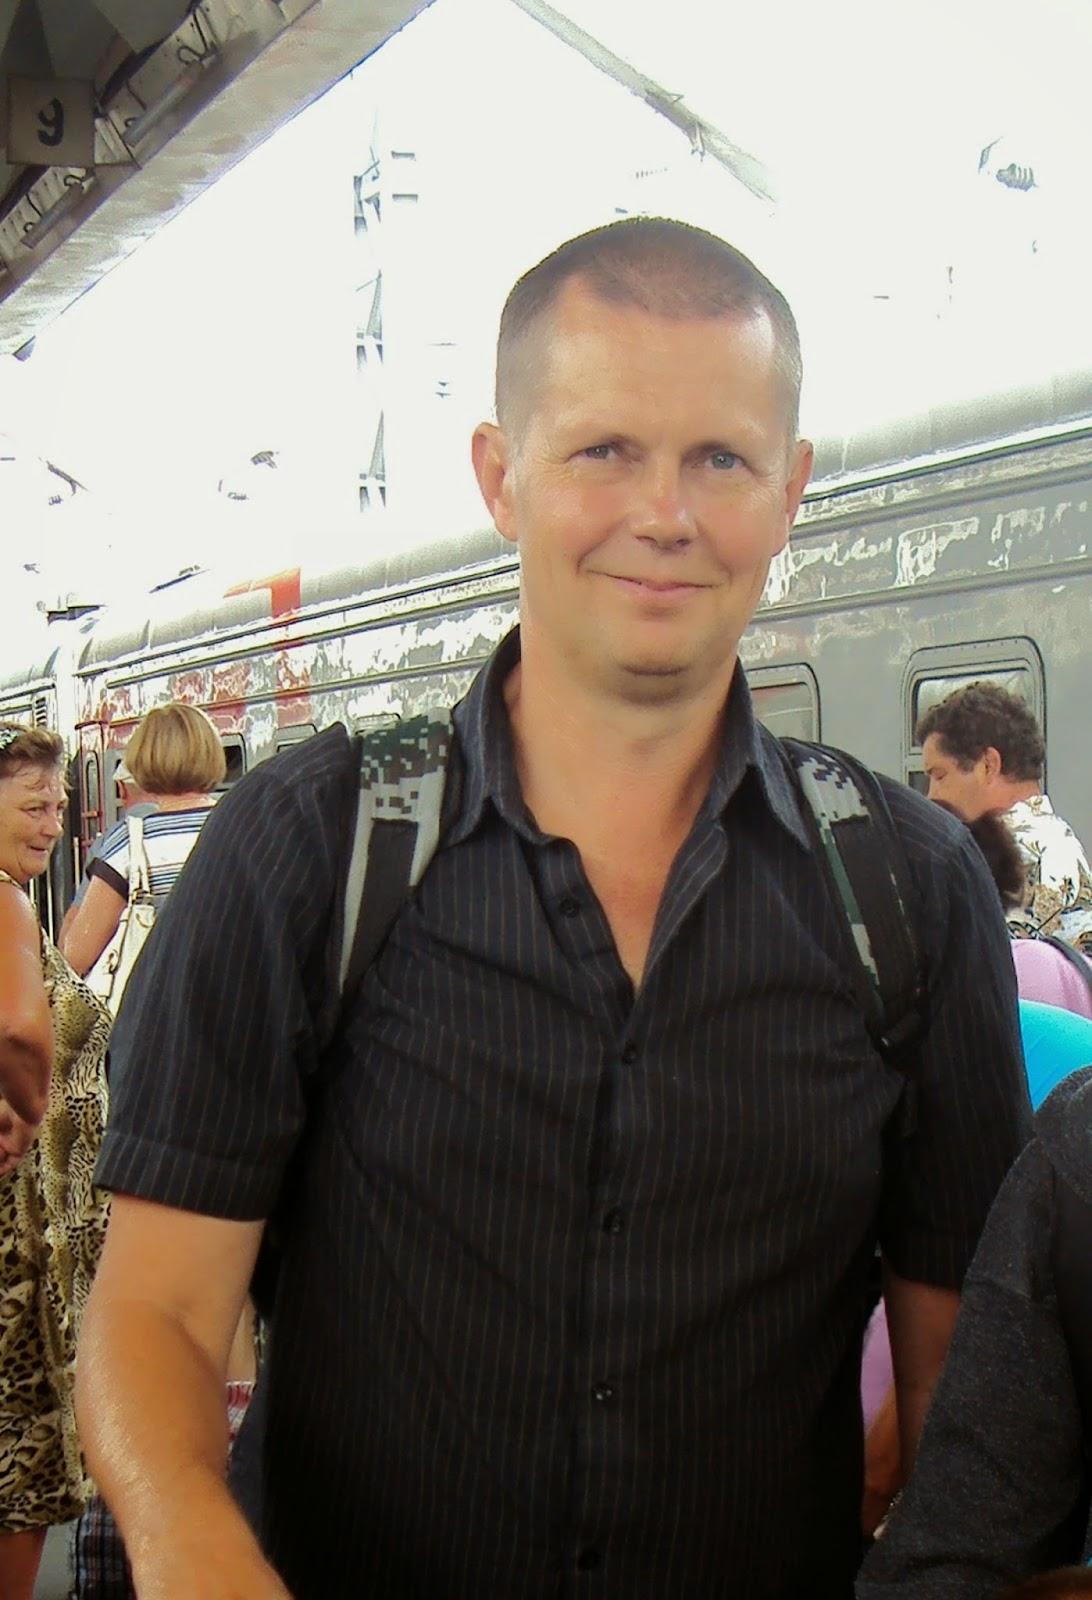 Juha Hyvärinen